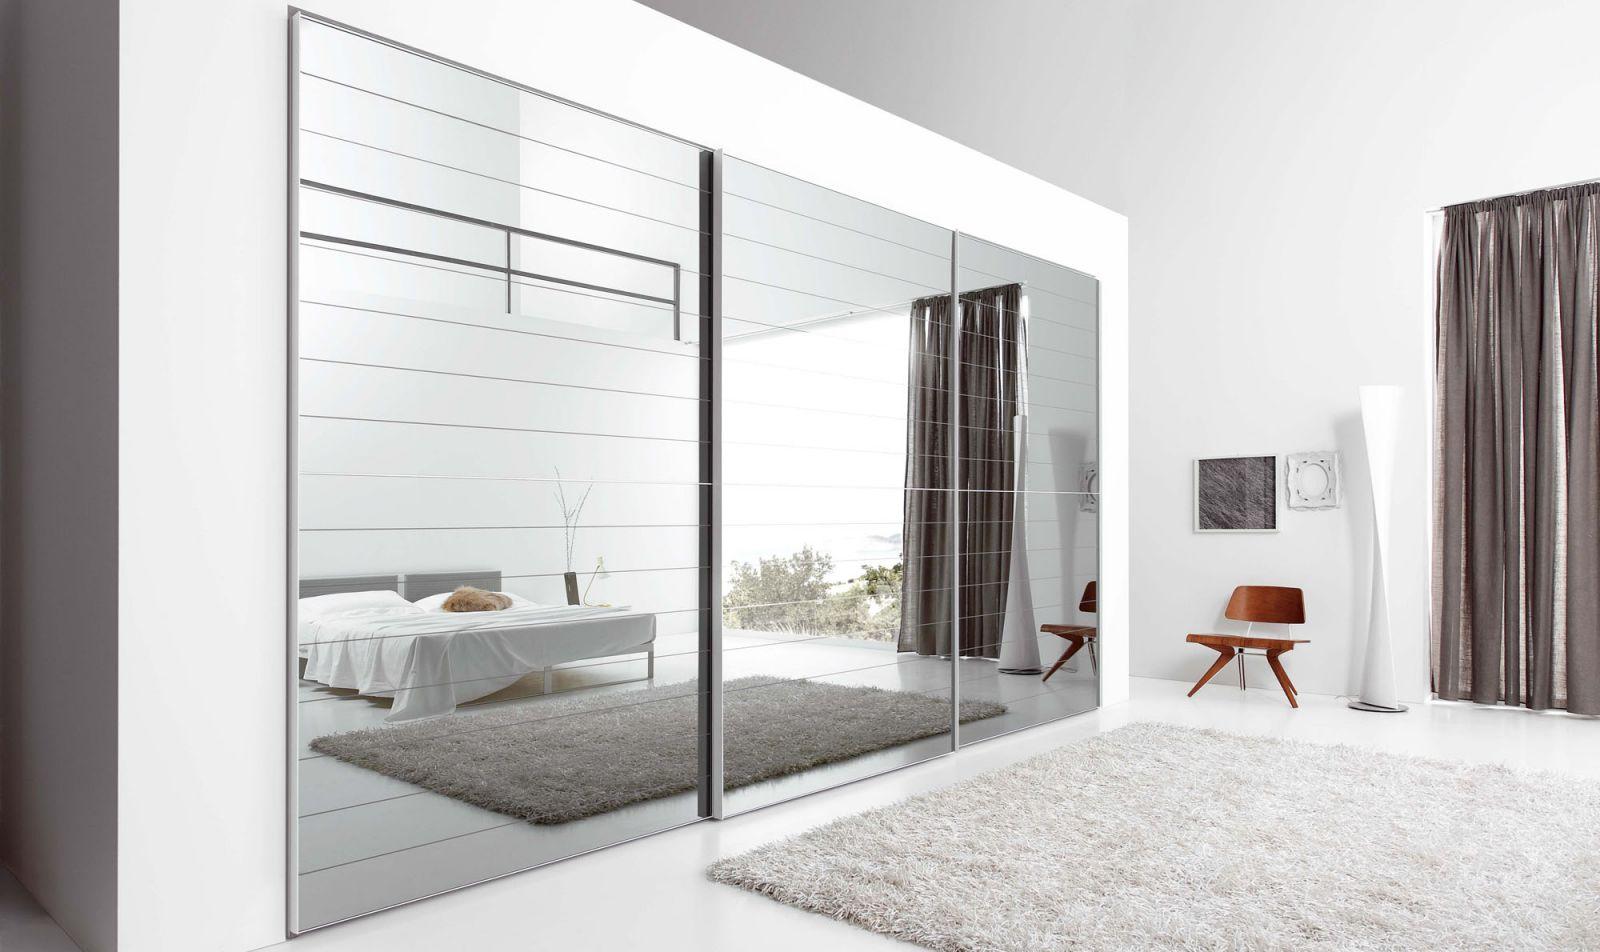 Armadi in vetro temperato o trasparente belli e resistenti for Armadi di design